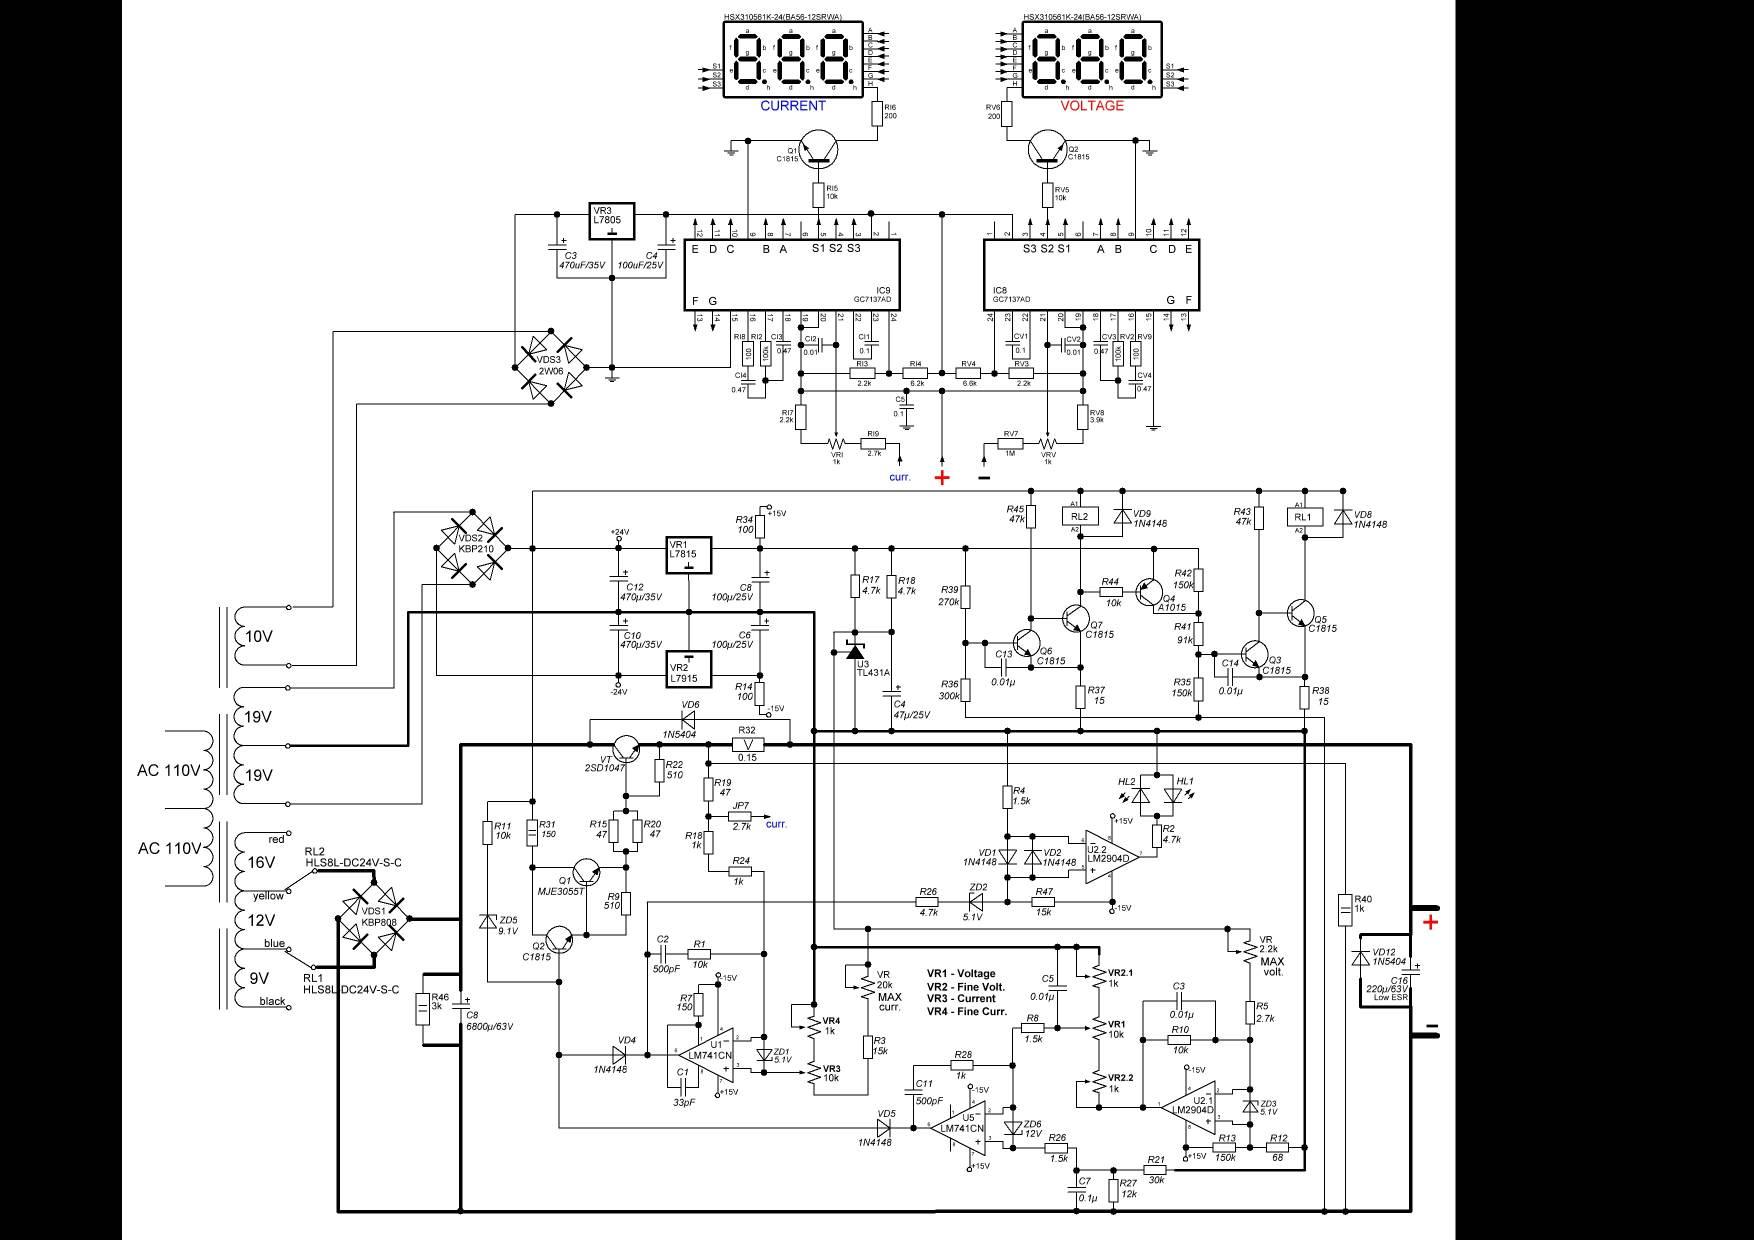 16vacto30vdcvoltagestabilizercircuitdiagramgif